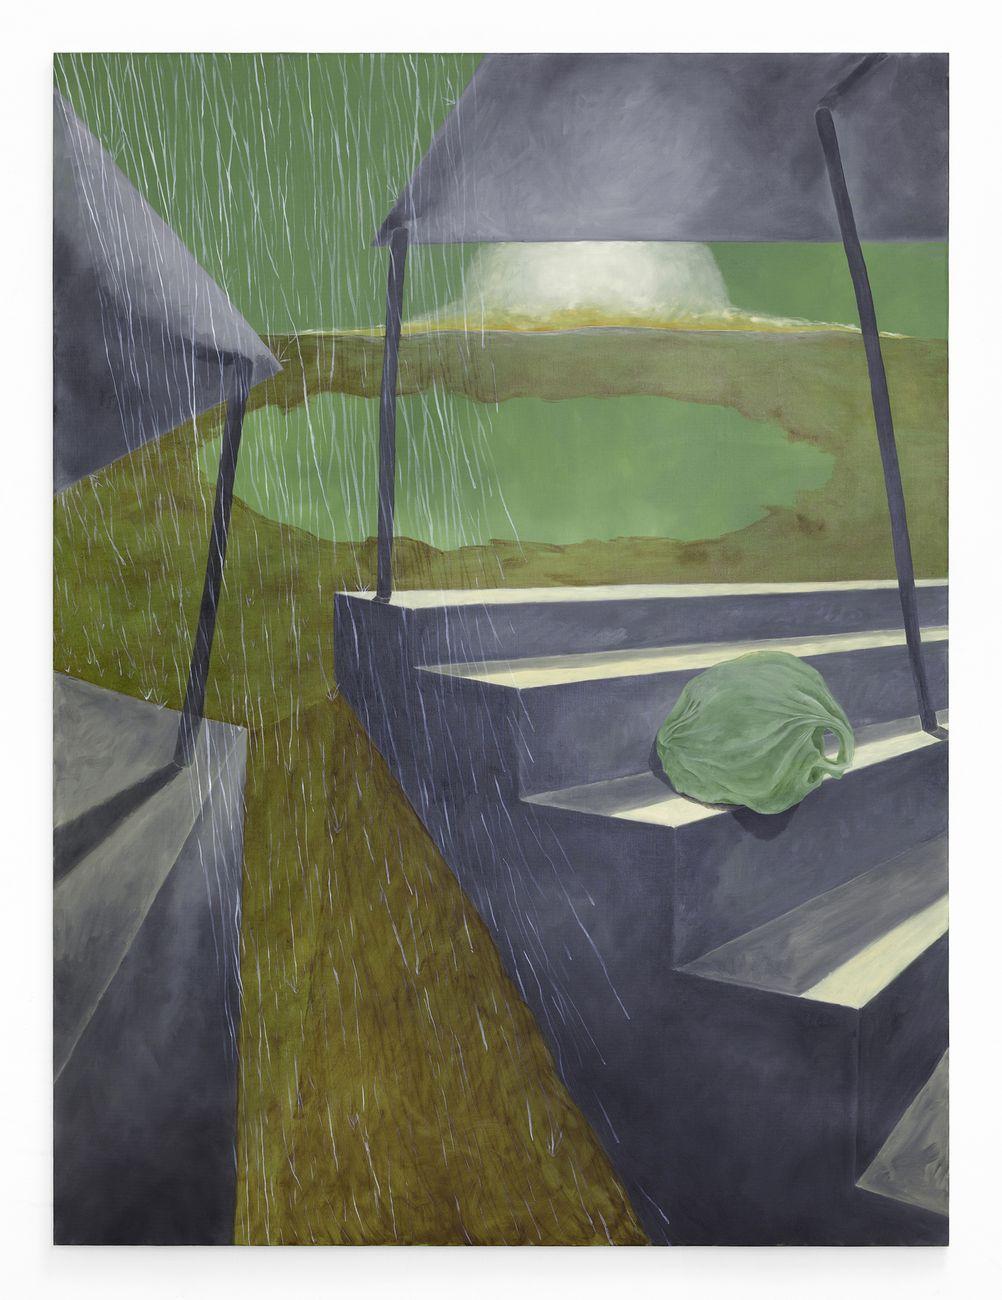 Andrea Respino, Fottuto Eden IV, 2020, olio su tela, 200 x 150 cm. Photo Cristina Leoncini